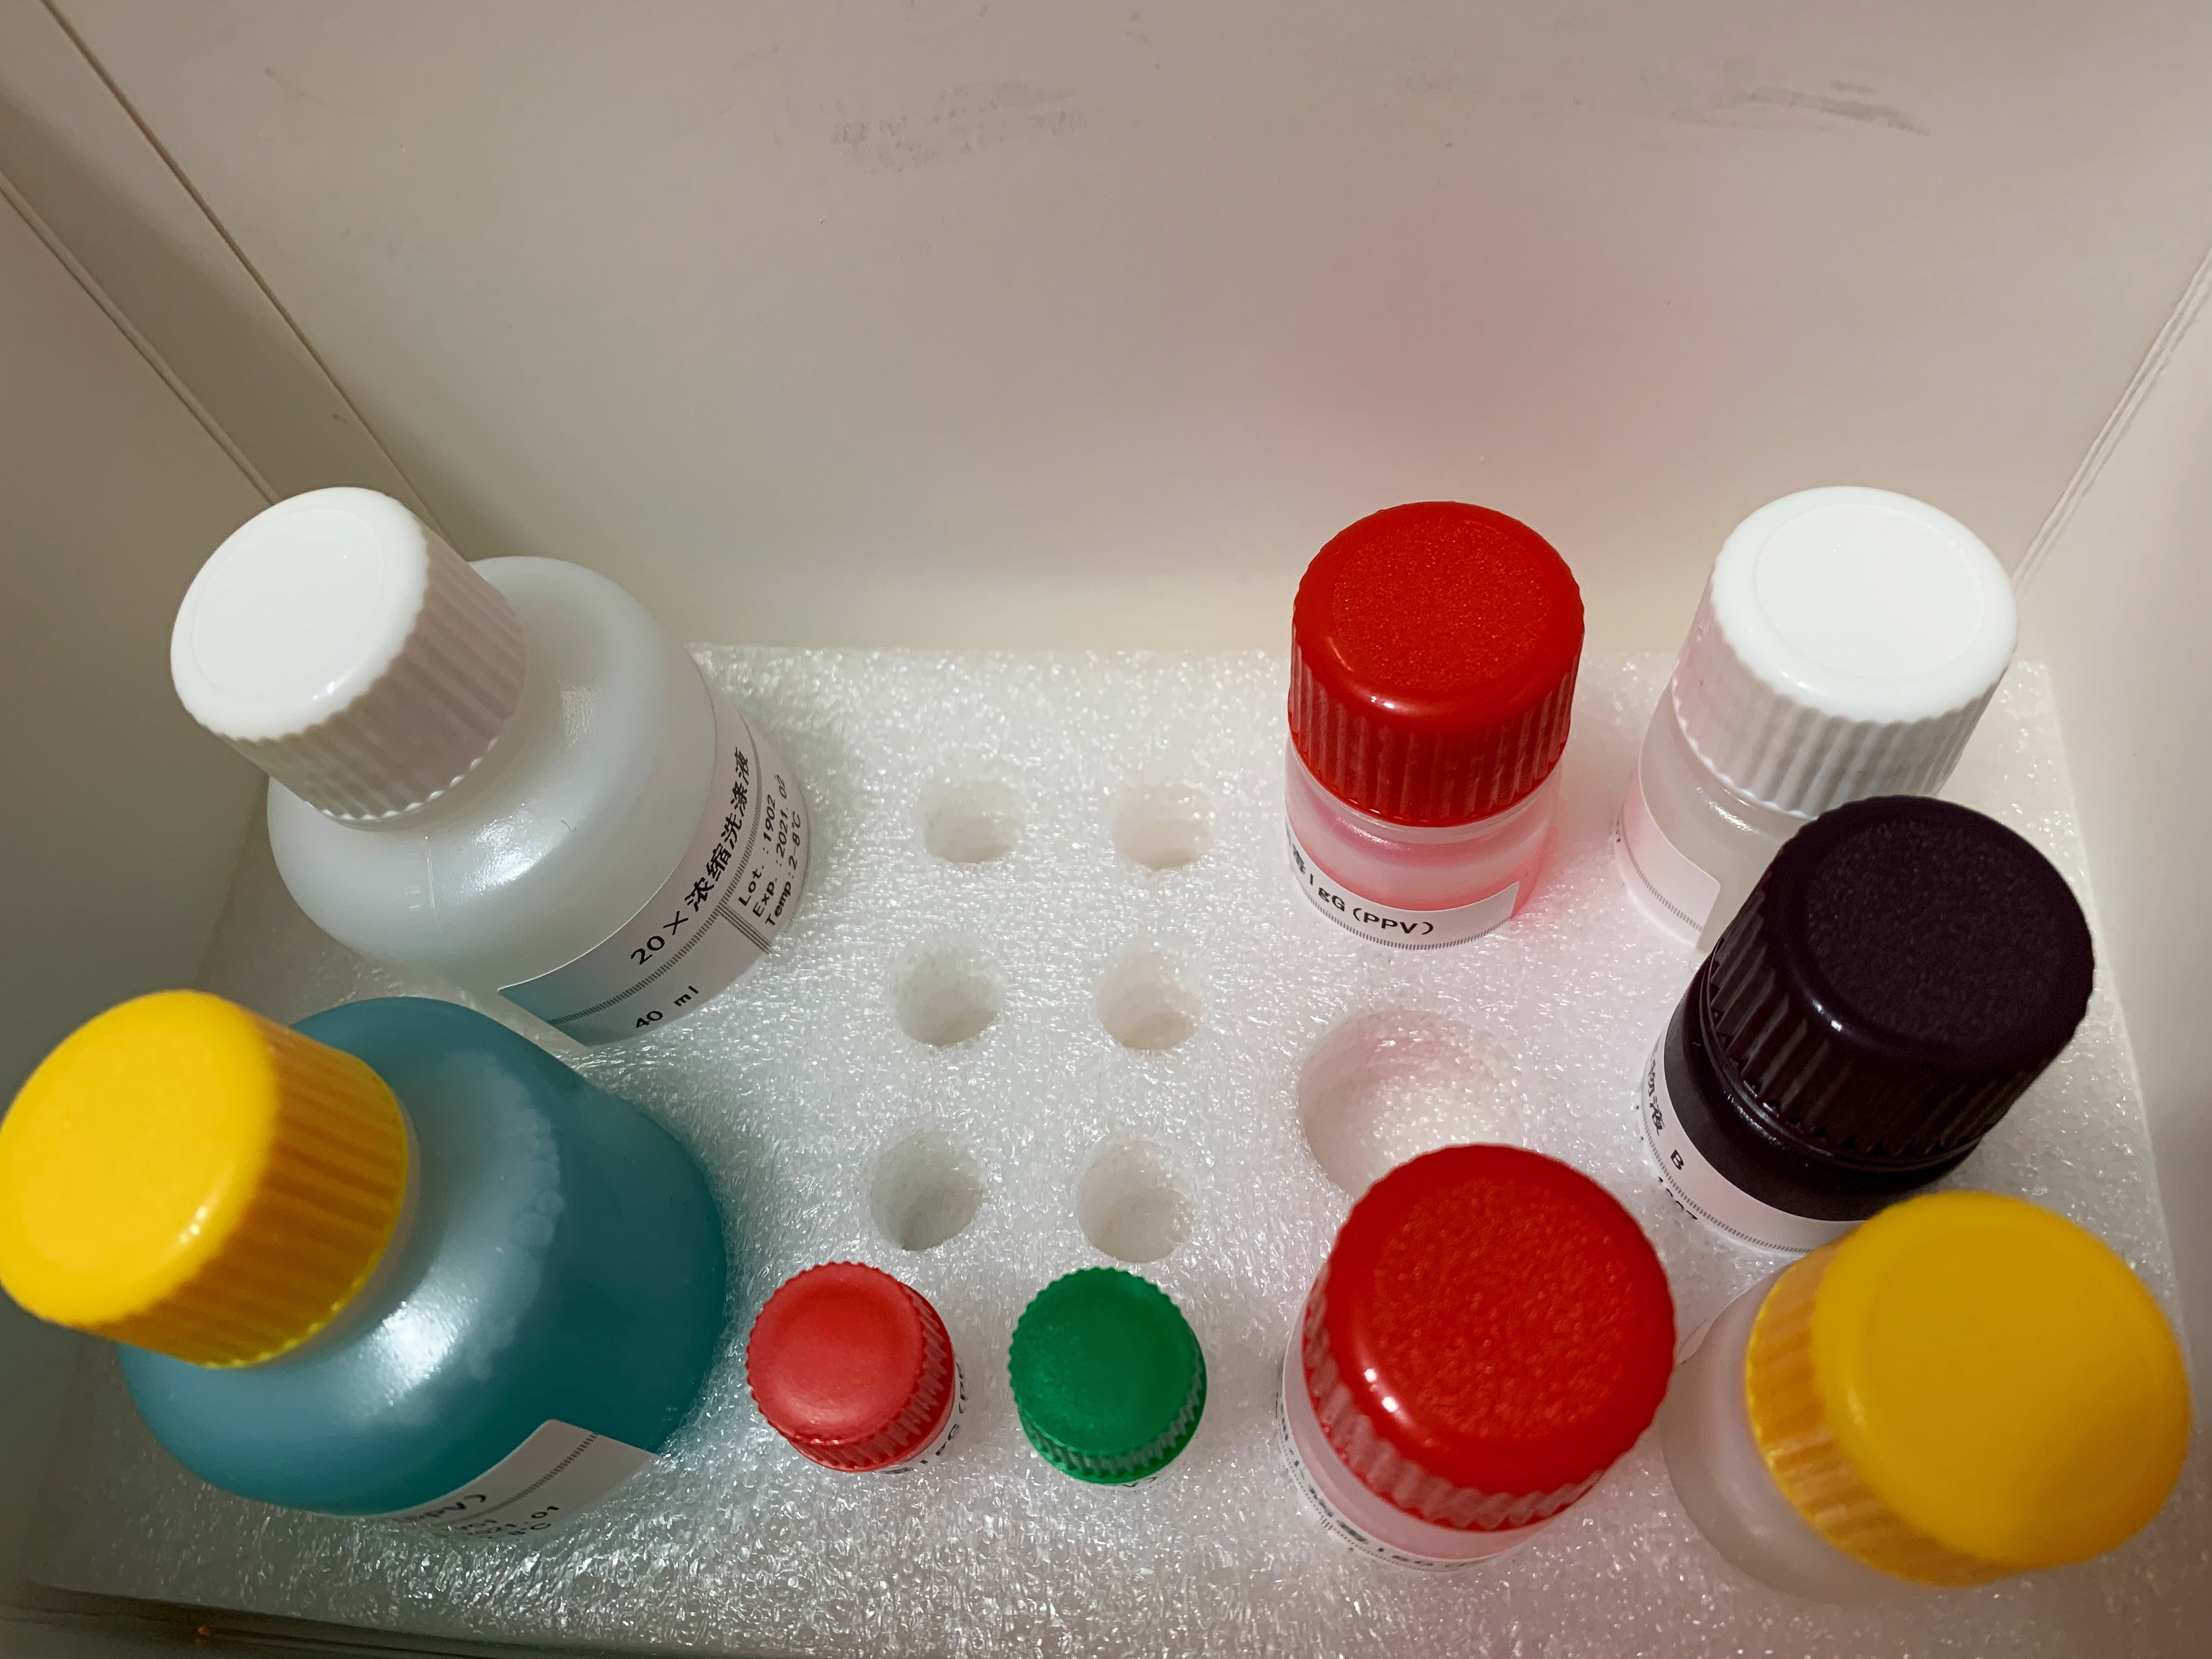 人可溶性蛋白185(sp185/HER-2)ELISA检测试剂盒